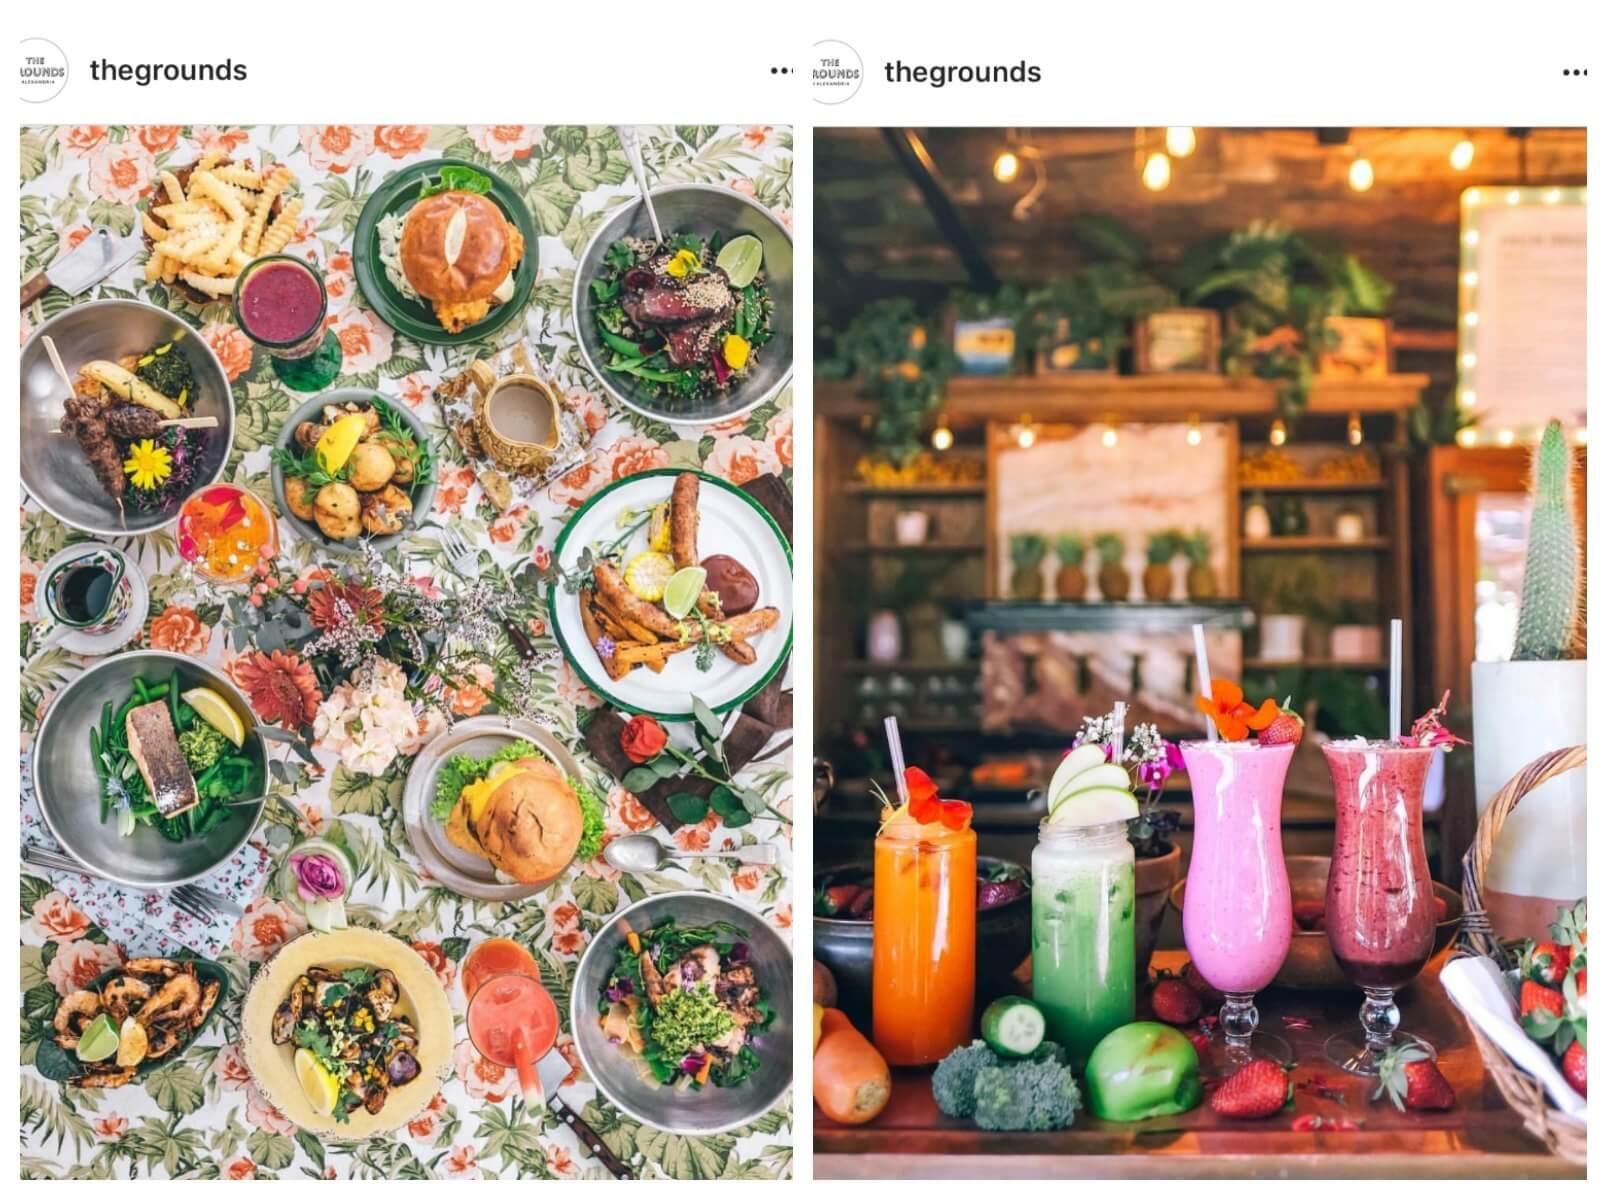 Best Instagram Worthy Breakfasts Sydney, The Grounds of Alexandria